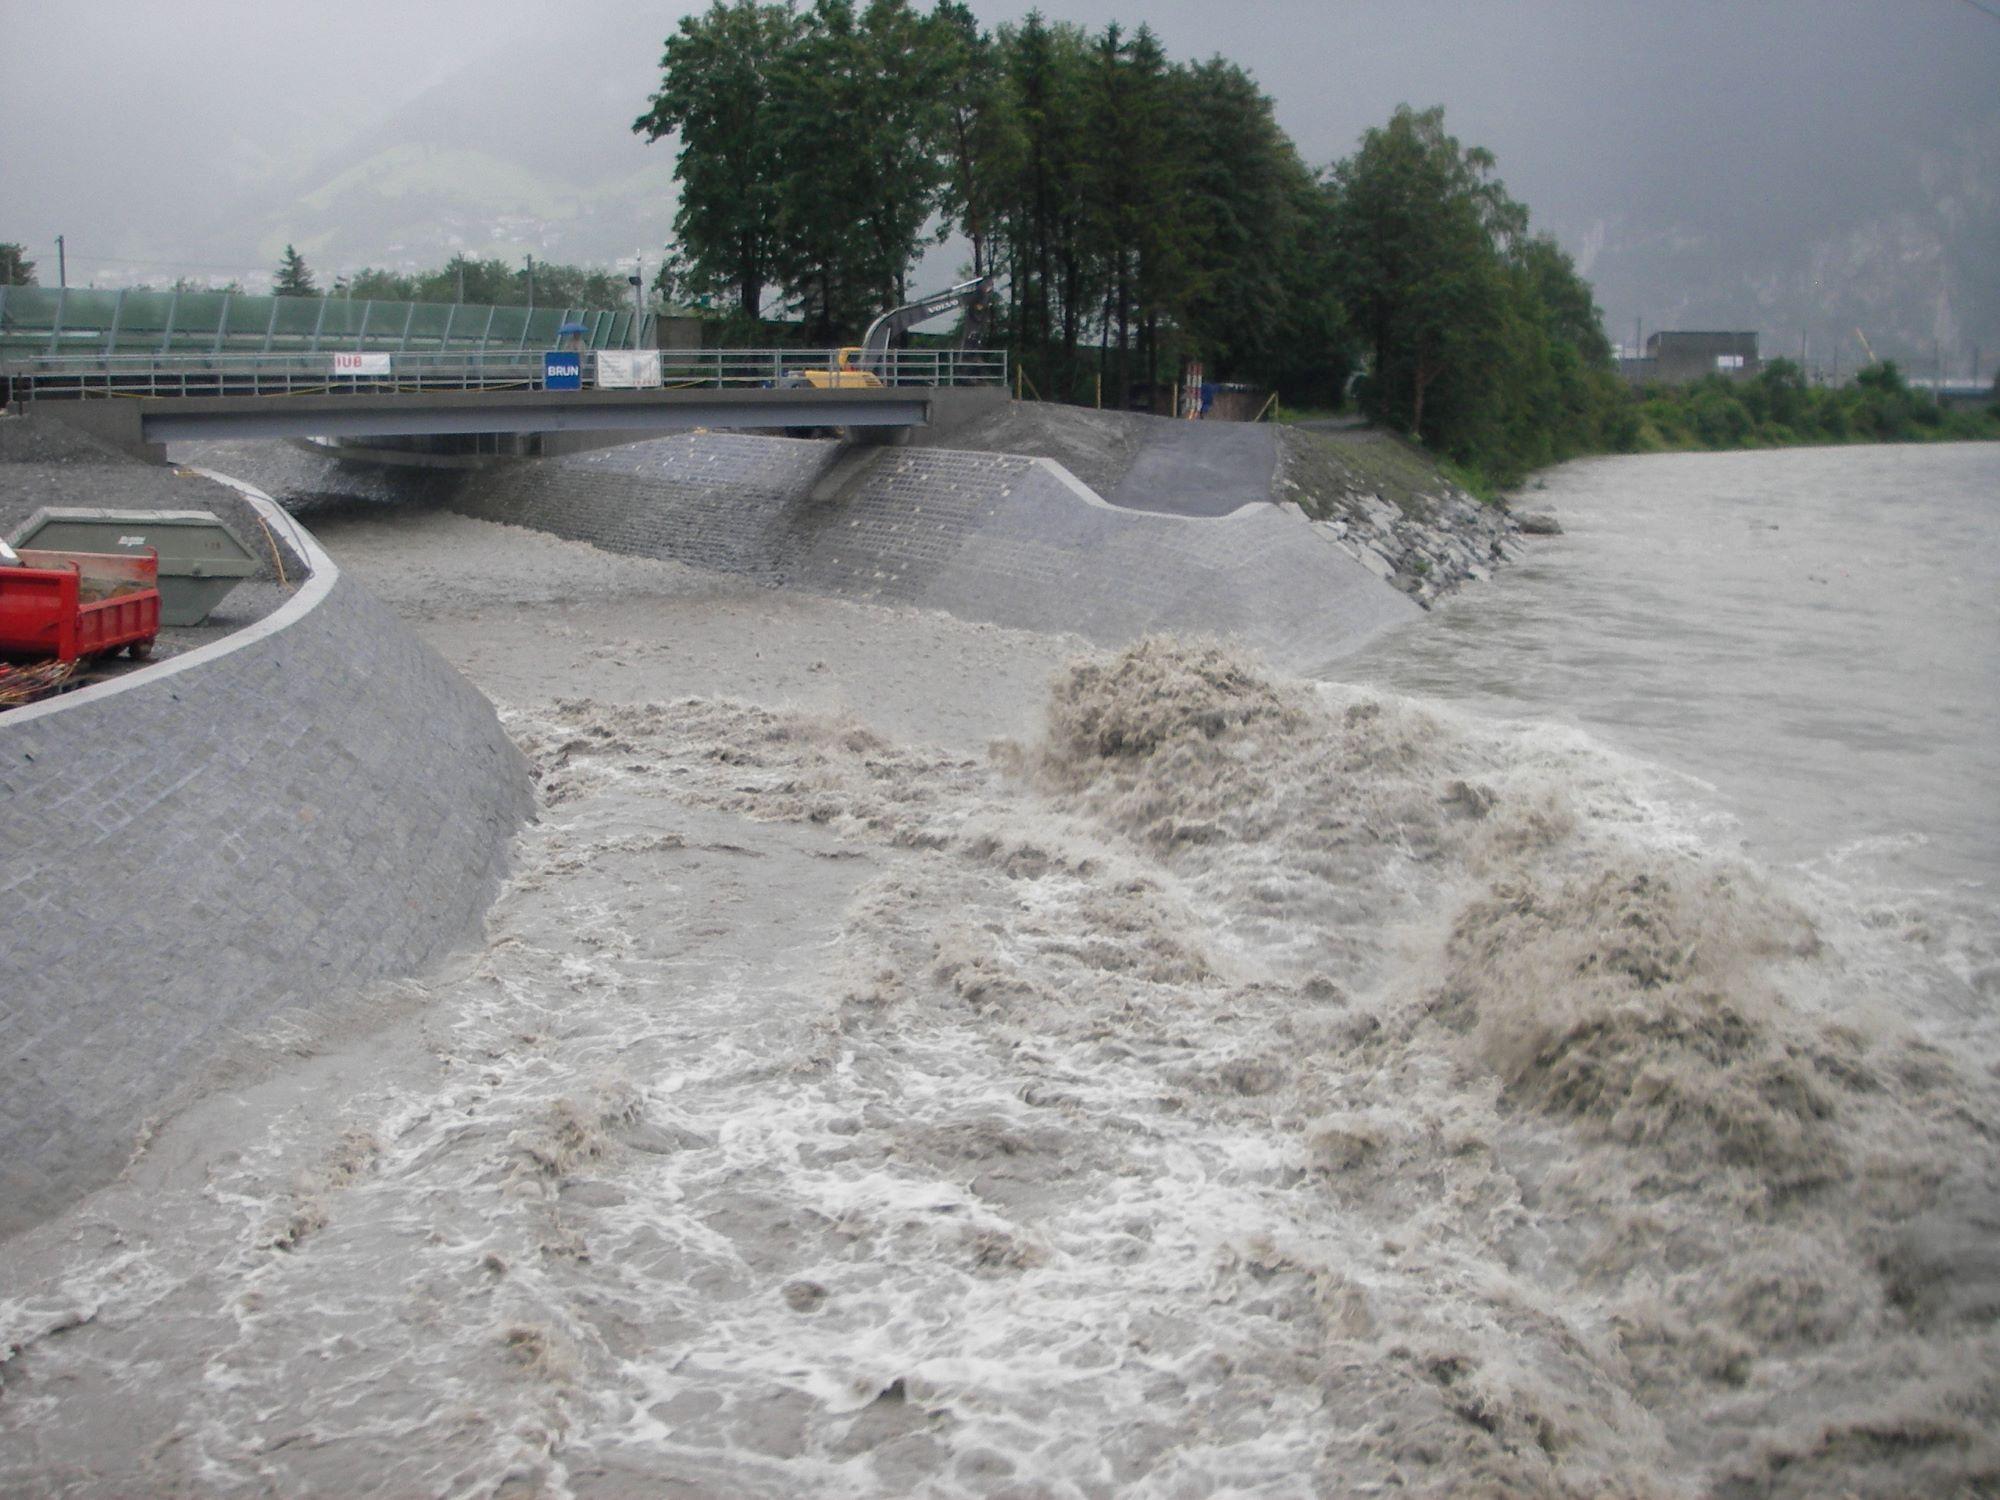 4_Schaechenmuendung_nacher_bei_Hochwasserabfluss2.JPG